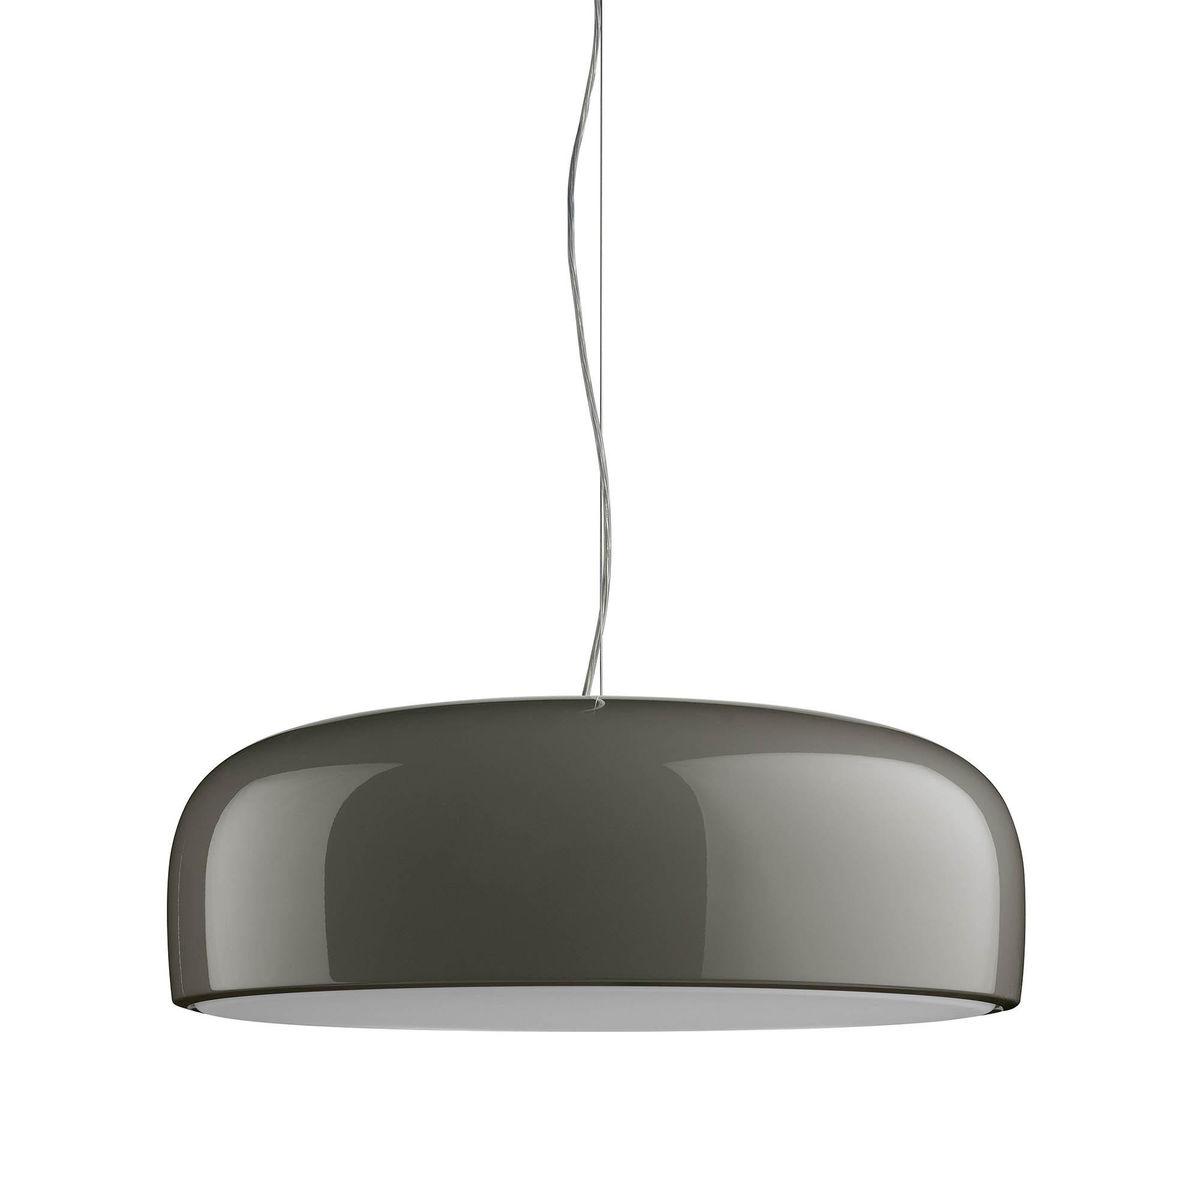 Smithfield S Eco Pendant Lamp ø60cm 2G11 3x24w Grey Mud